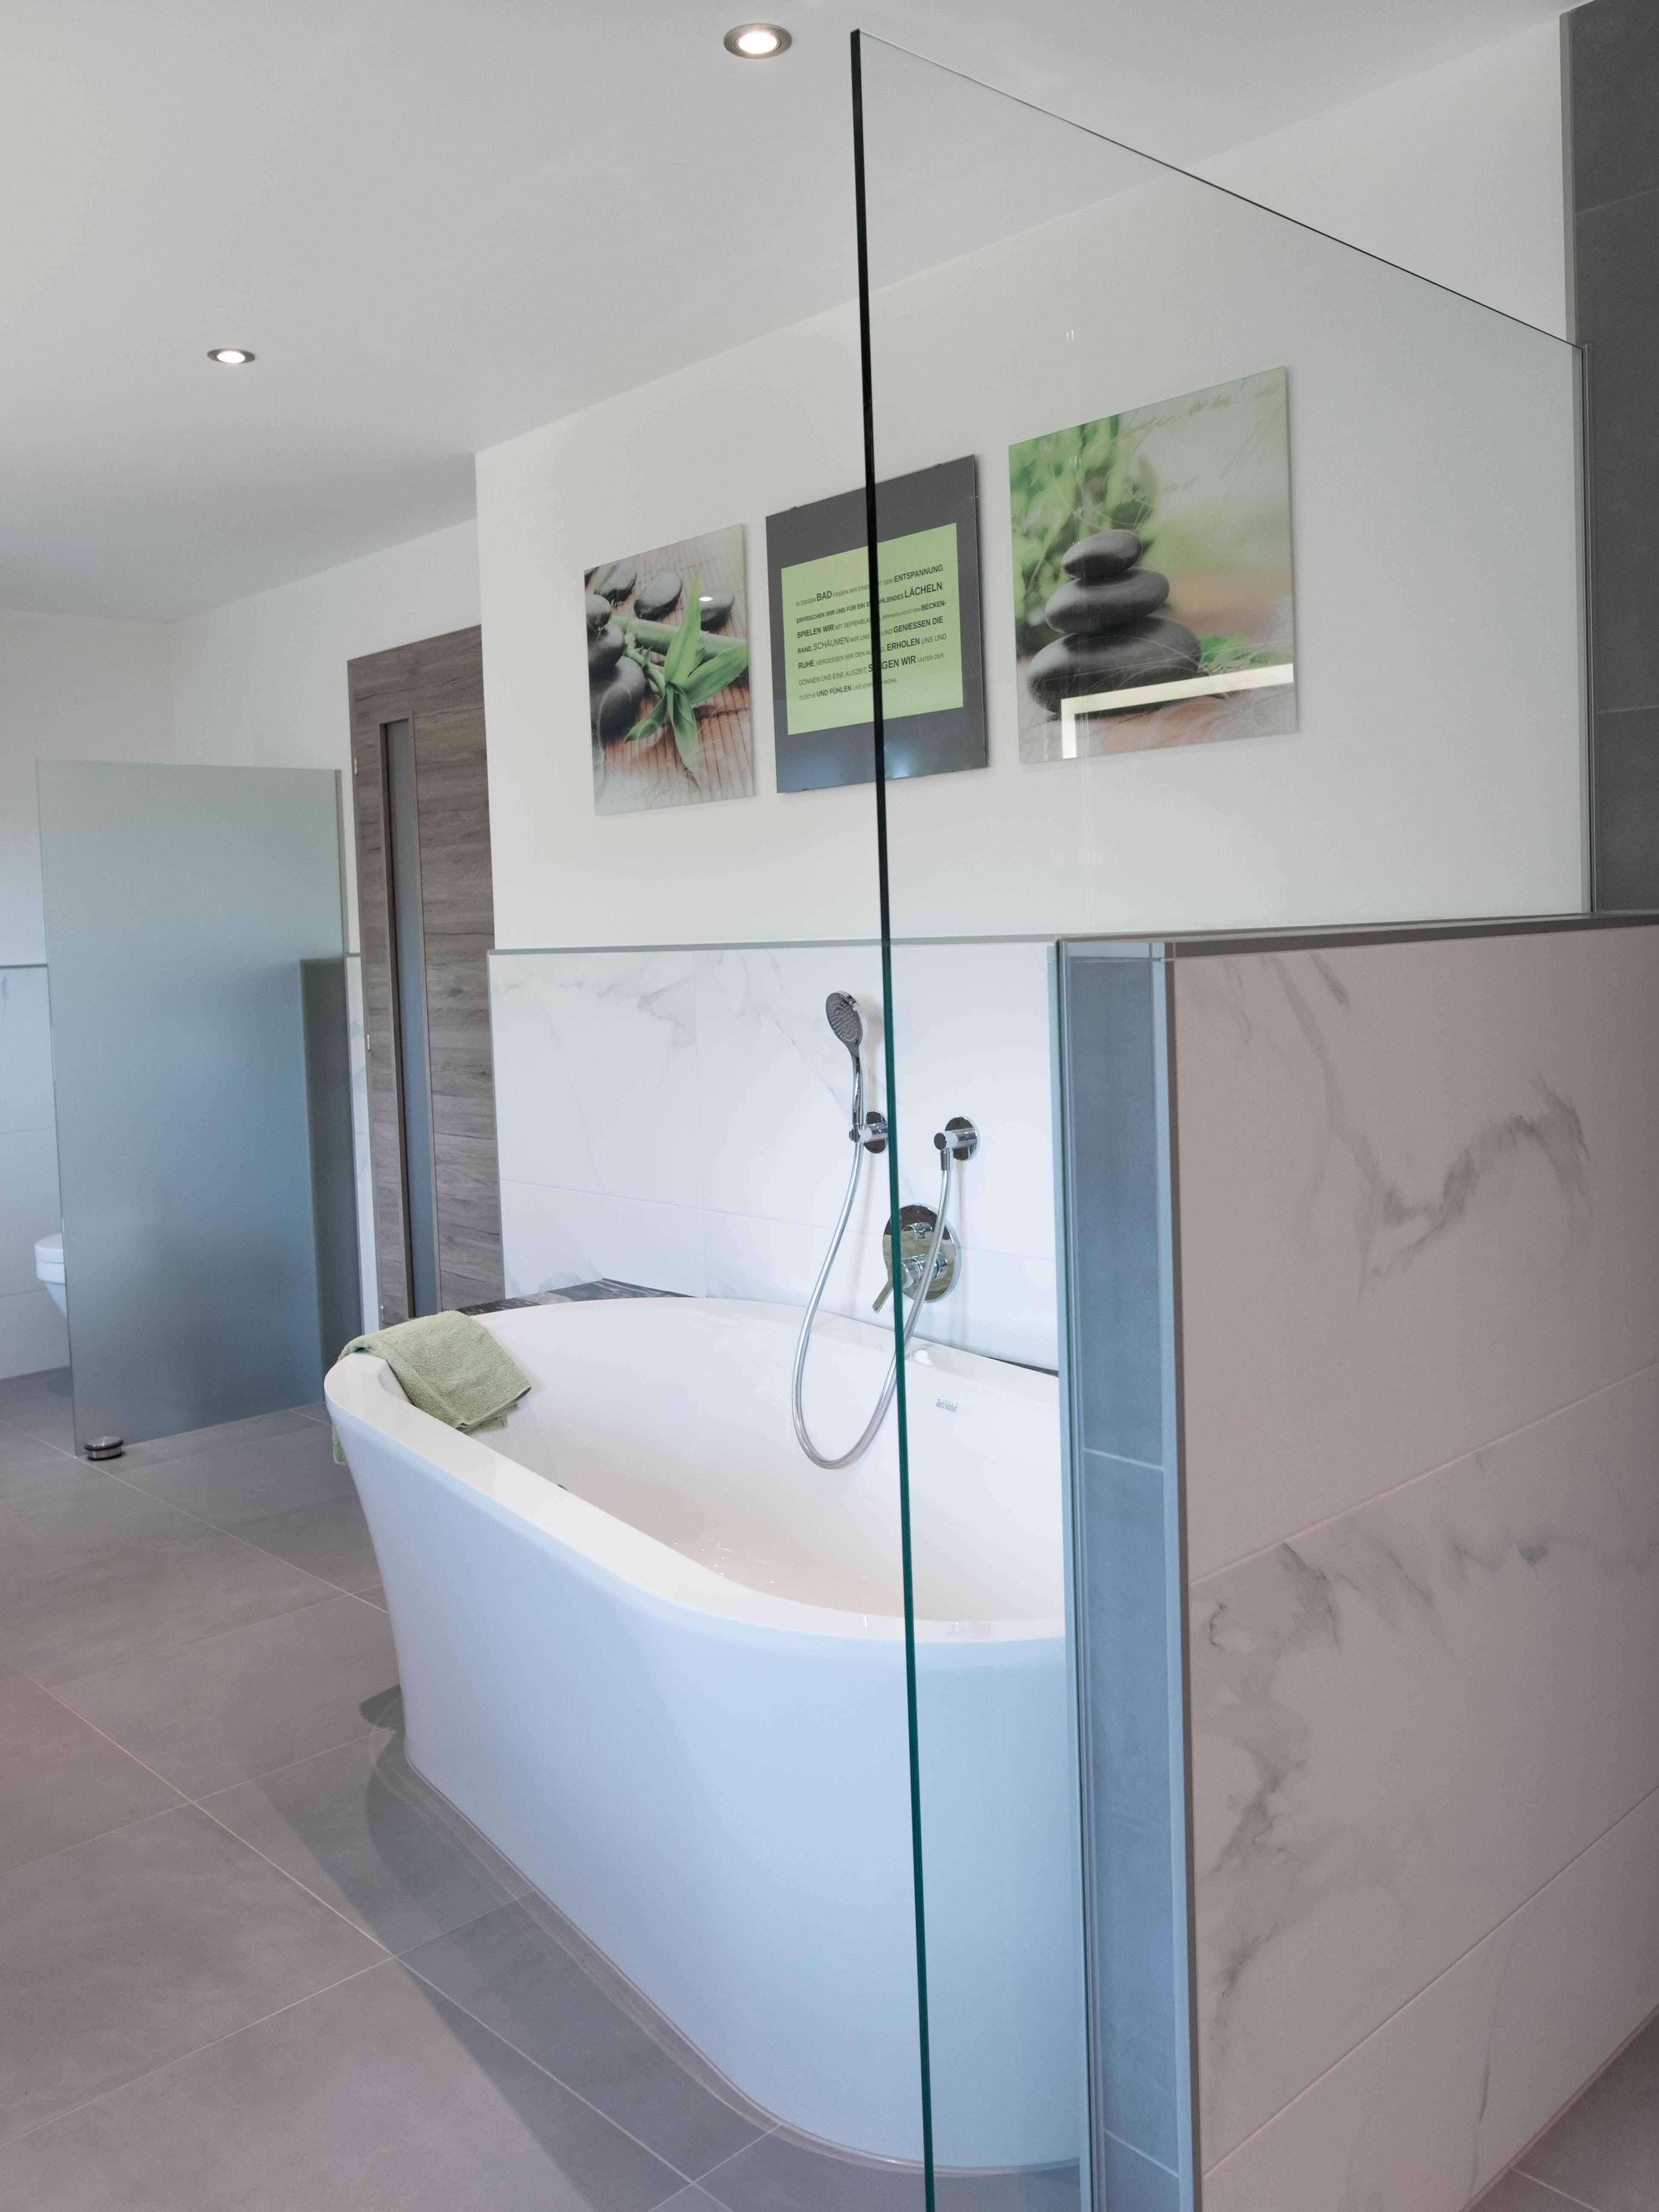 Inspirieren Lassen Auf Badezimmer Com Badewanne Ideen Eingebaute Badewanne Badewanne